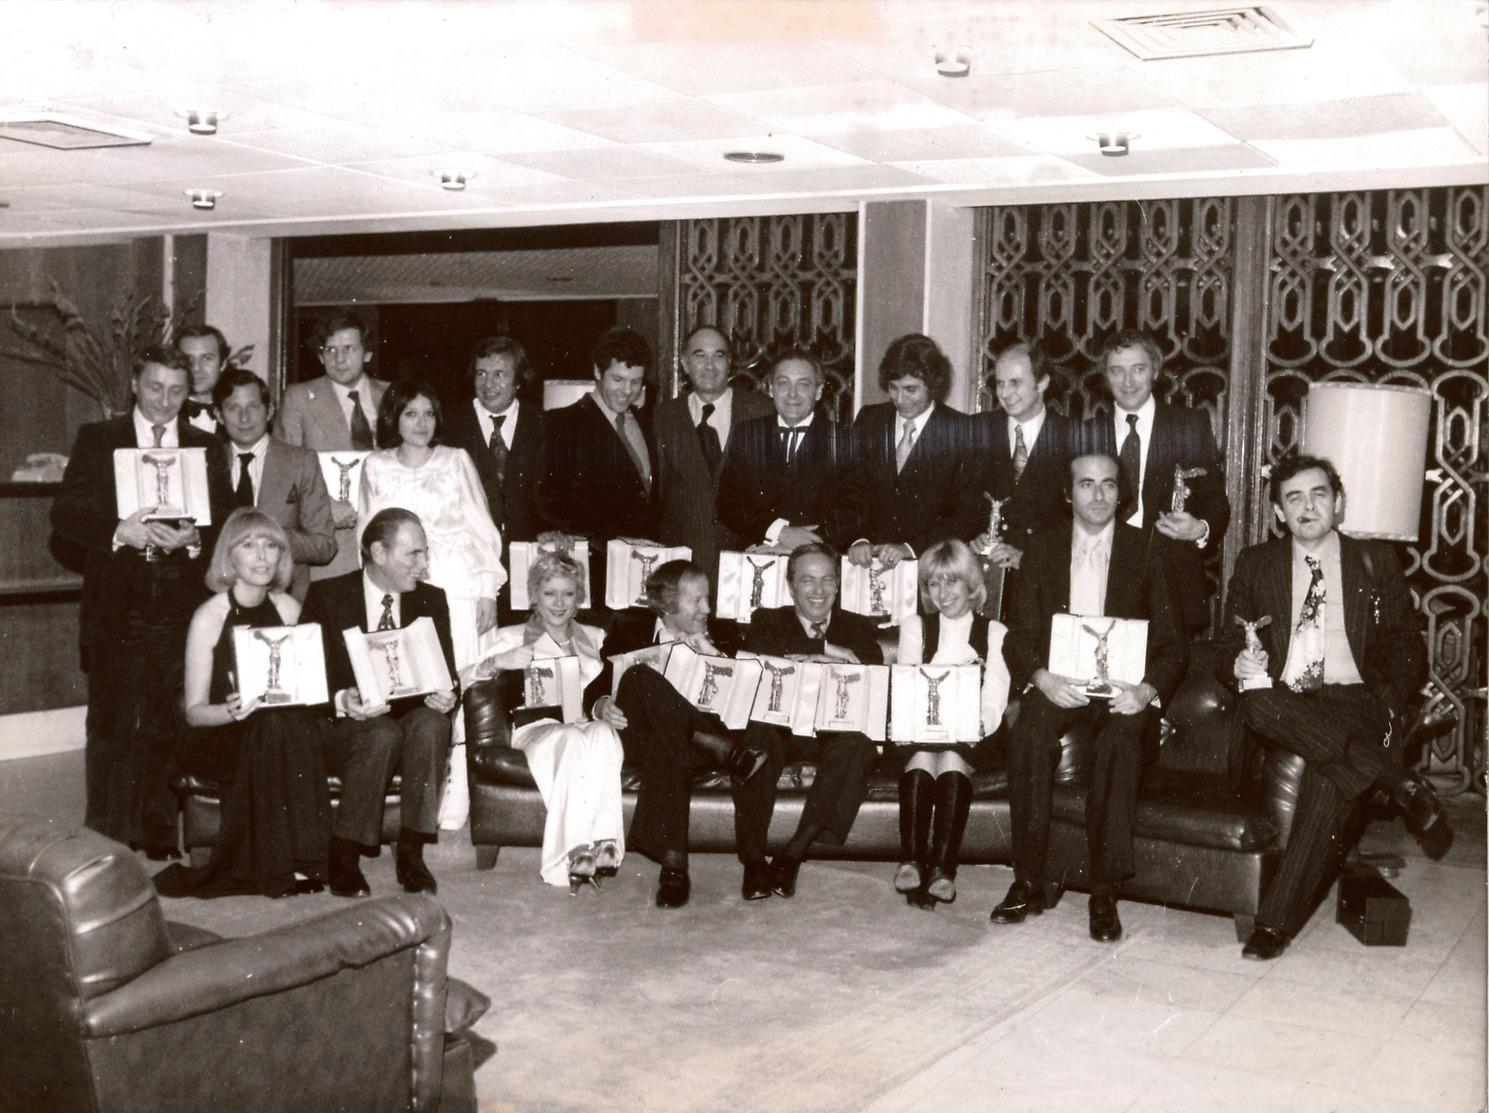 Rare Photographie De Presse Présentateurs De L'ORTF Des Années 1970 Après Remise De Prix :B.Pivot, PPDA,G.Lux, J.Chancel - Berühmtheiten